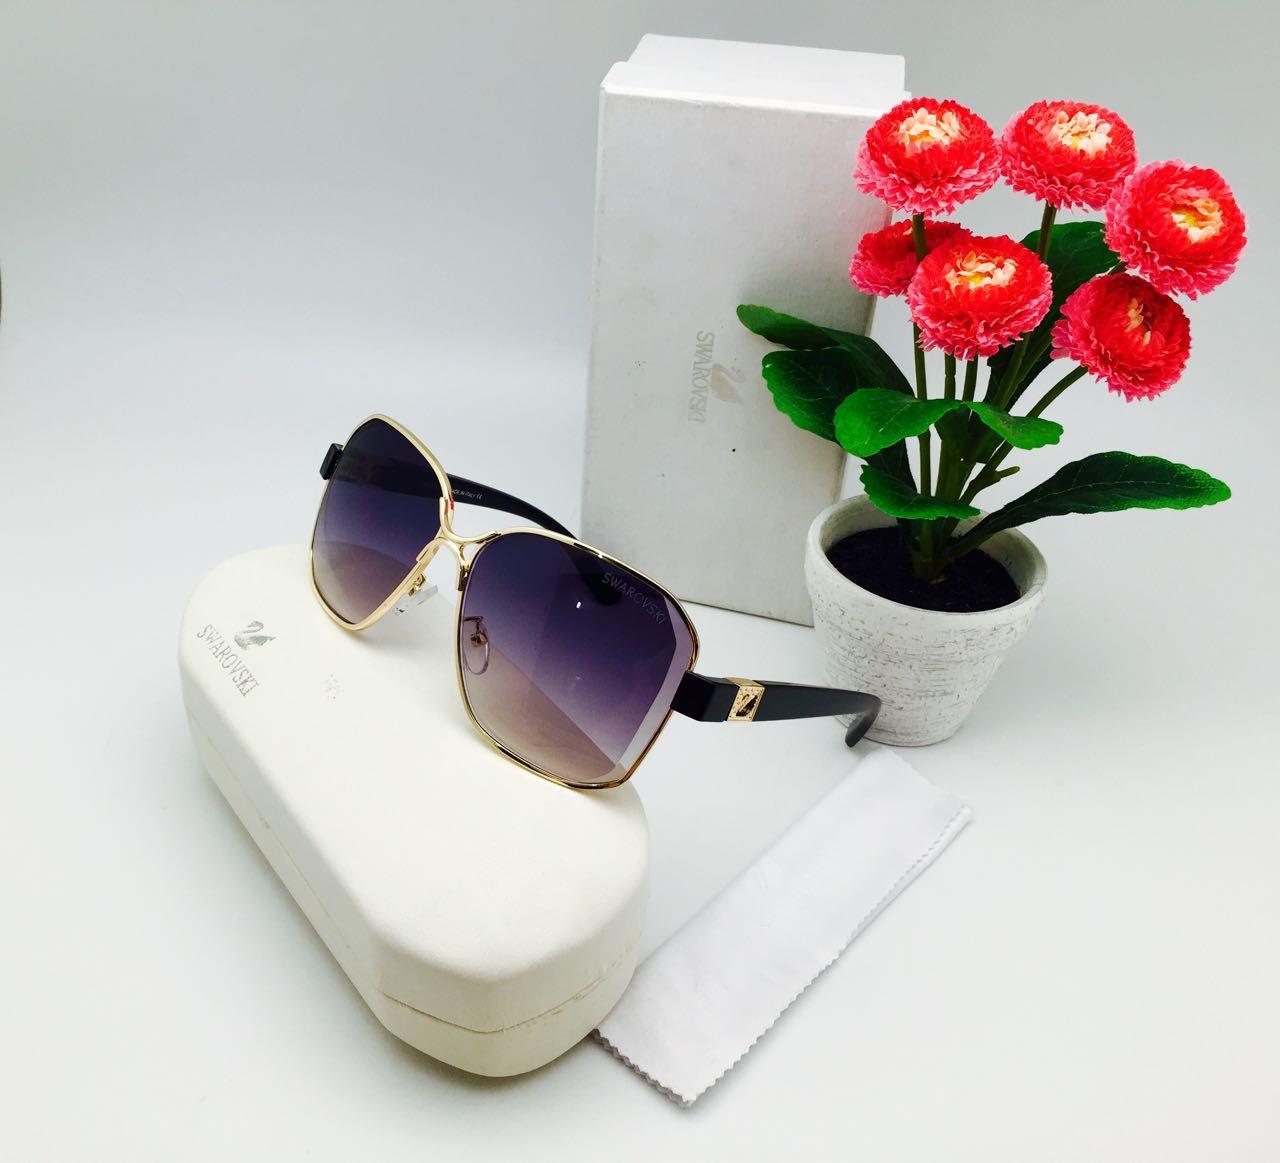 ... Kacamata Wanita Sunglass Swaroski 26068 Fullset S5705